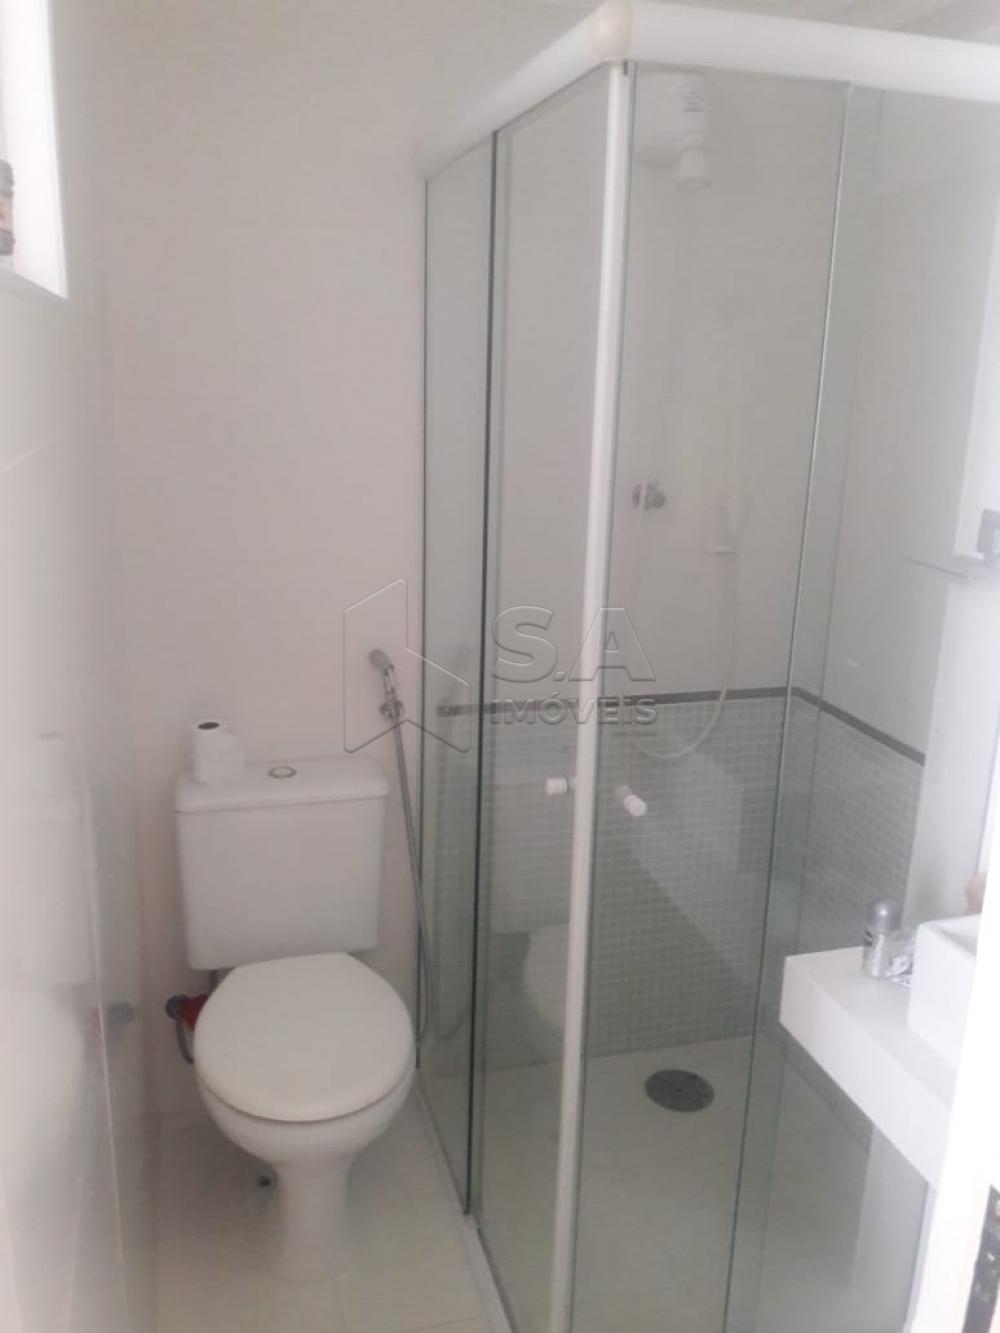 Comprar Apartamento / Padrão em Guarujá R$ 300.000,00 - Foto 9